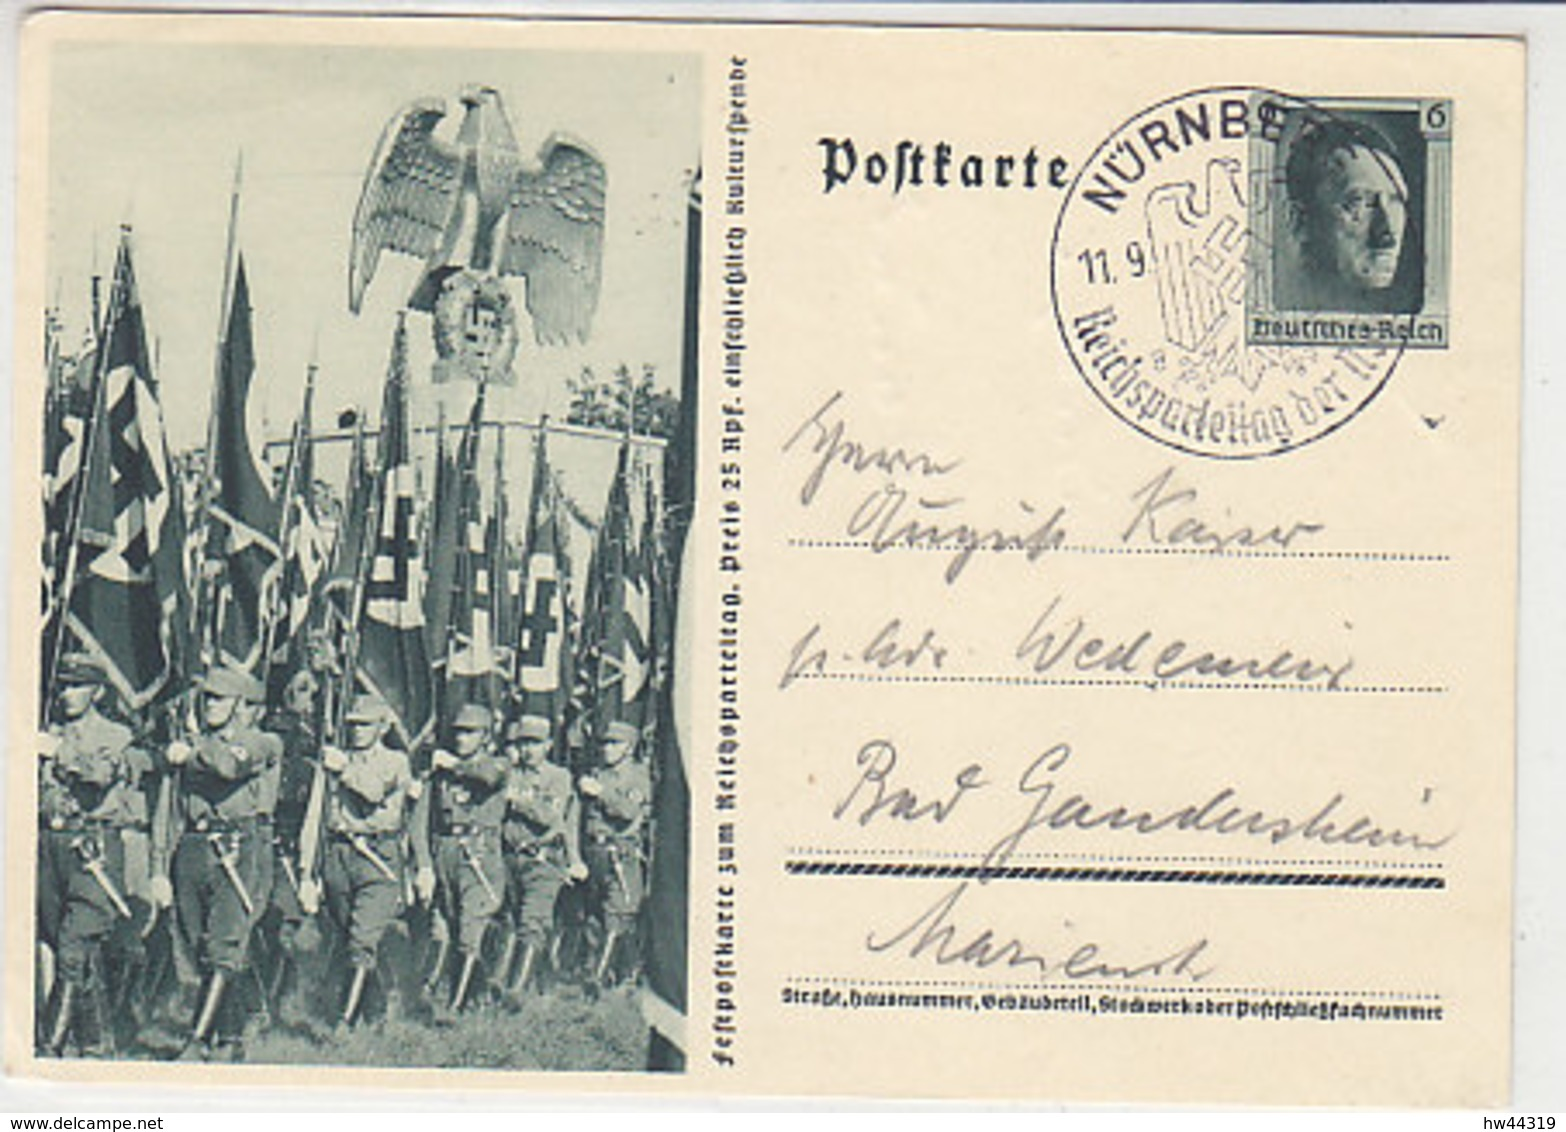 P 264 / 02 Aus NÜRNBERG 11.9.37 Nach Bad Gandersheim - Duitsland